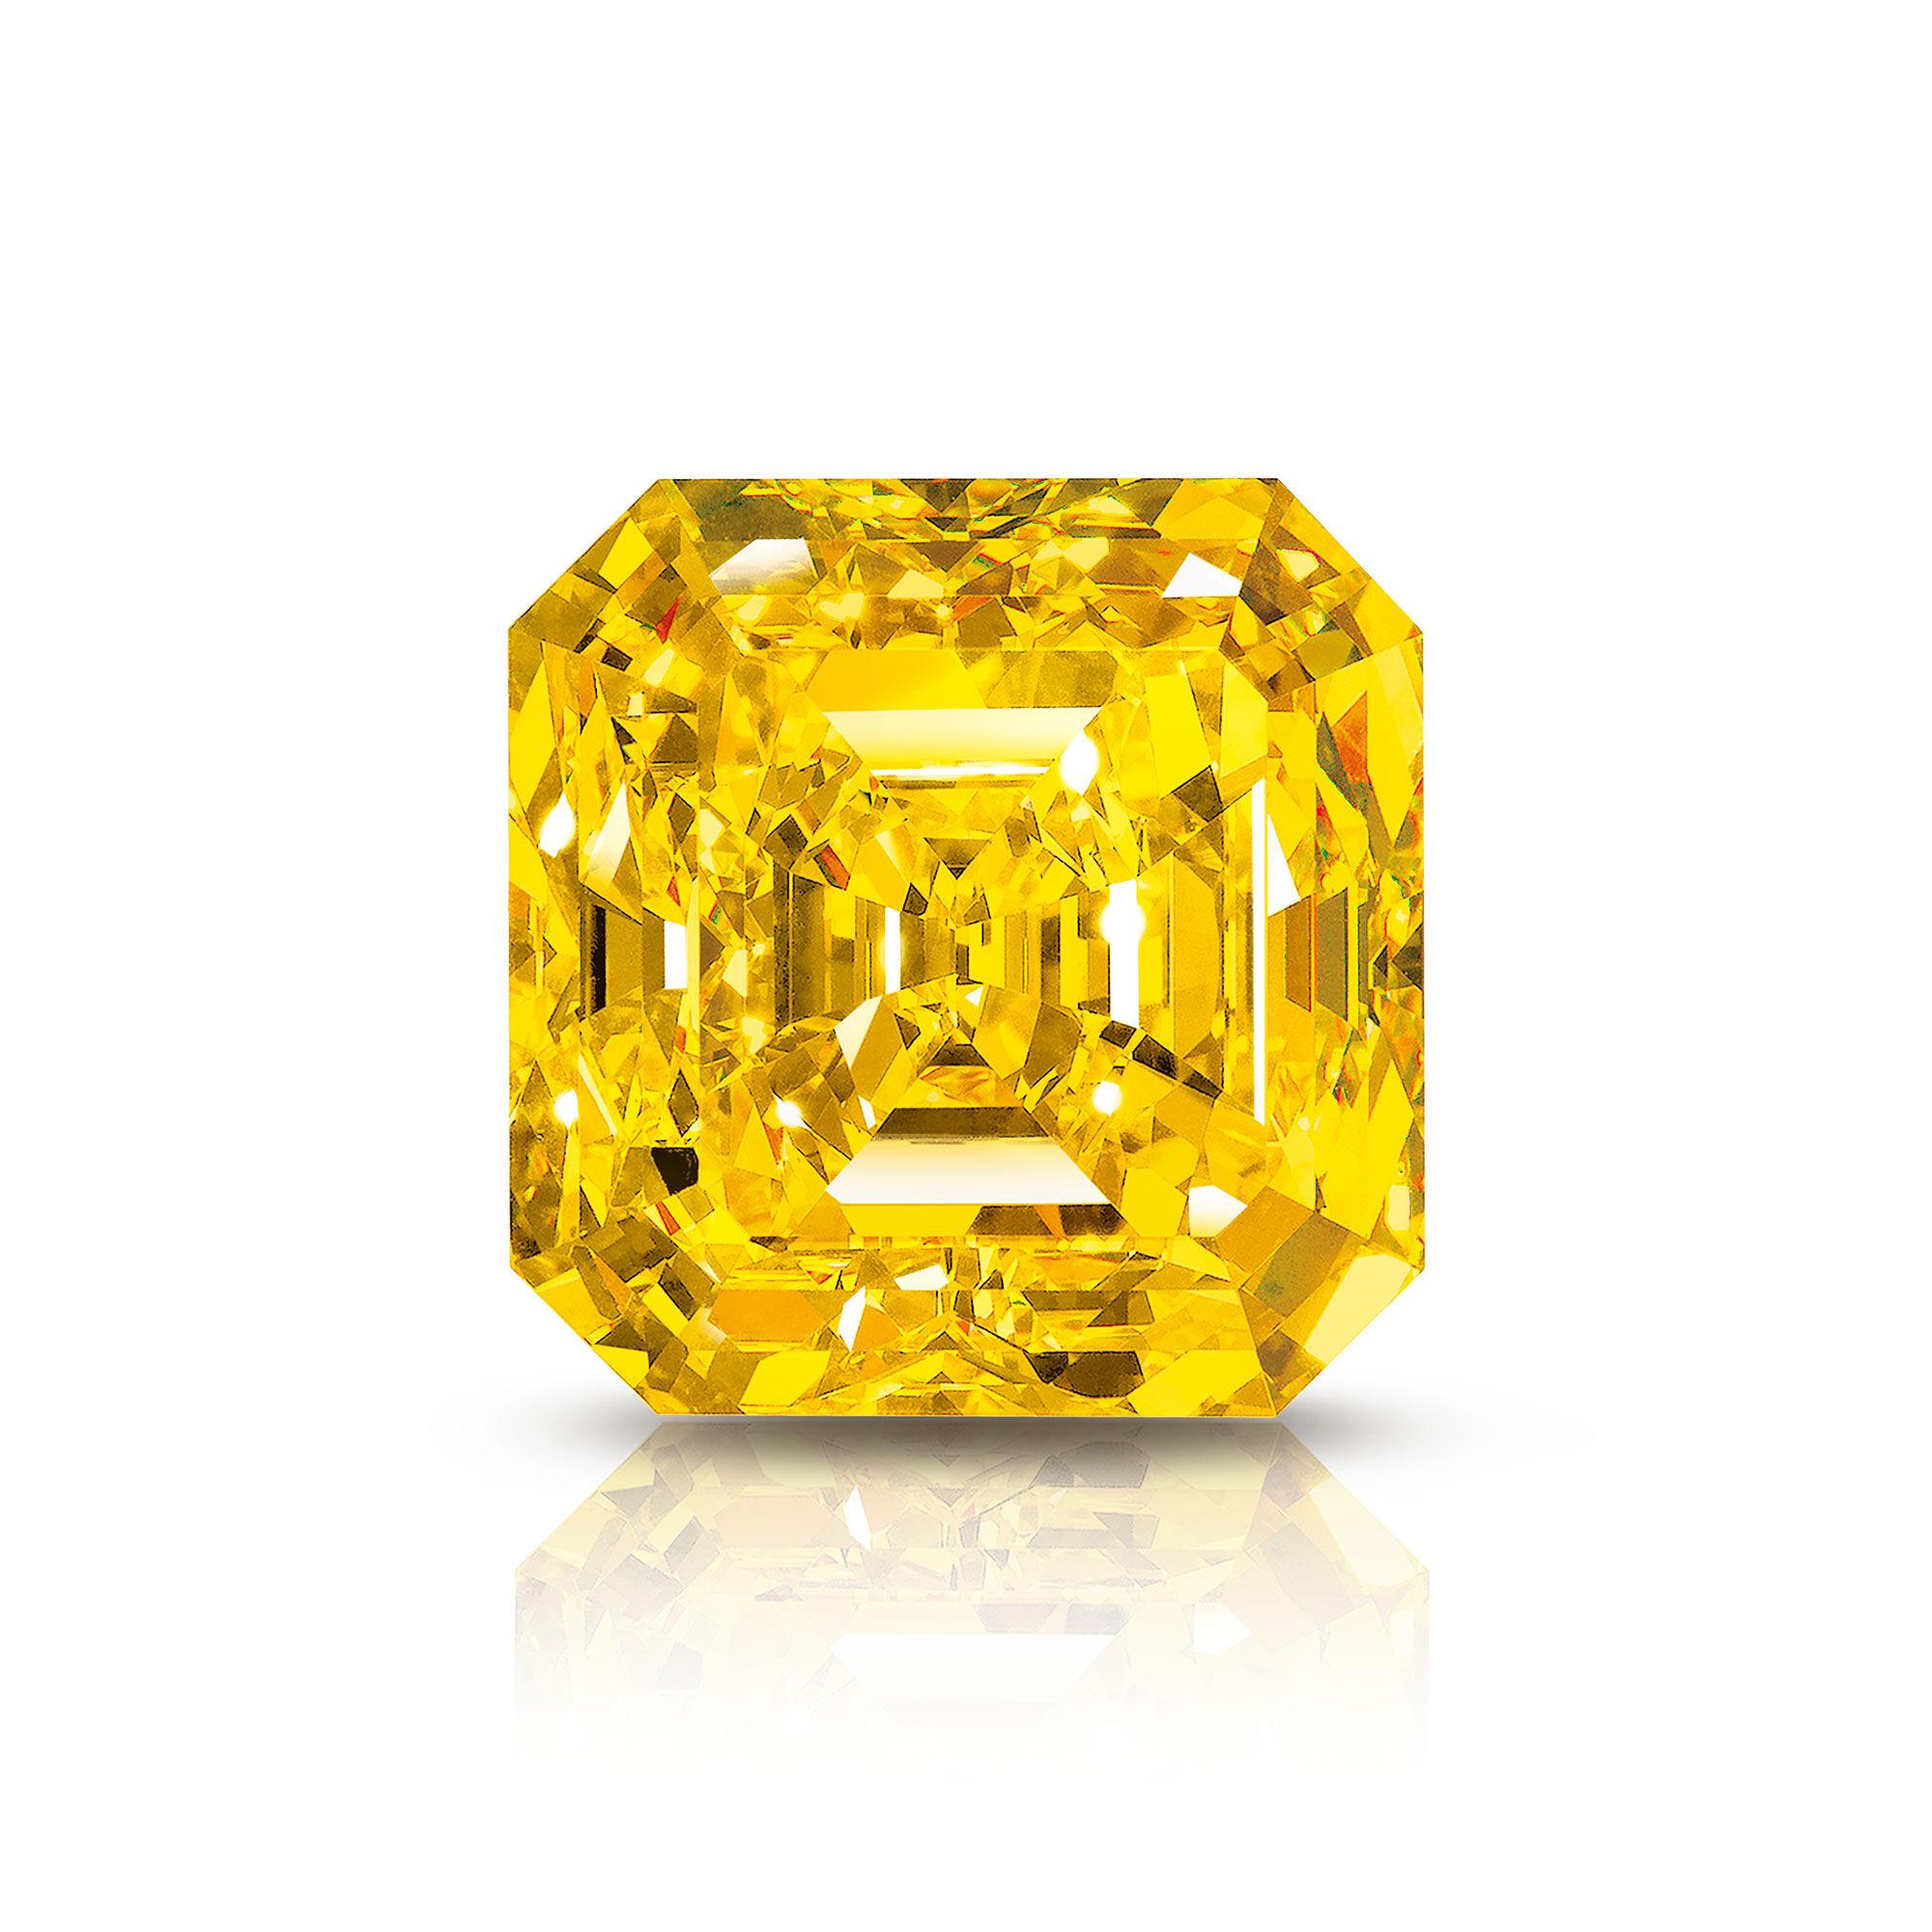 The Graff Delaire Sunrise emerald cut yellow diamond